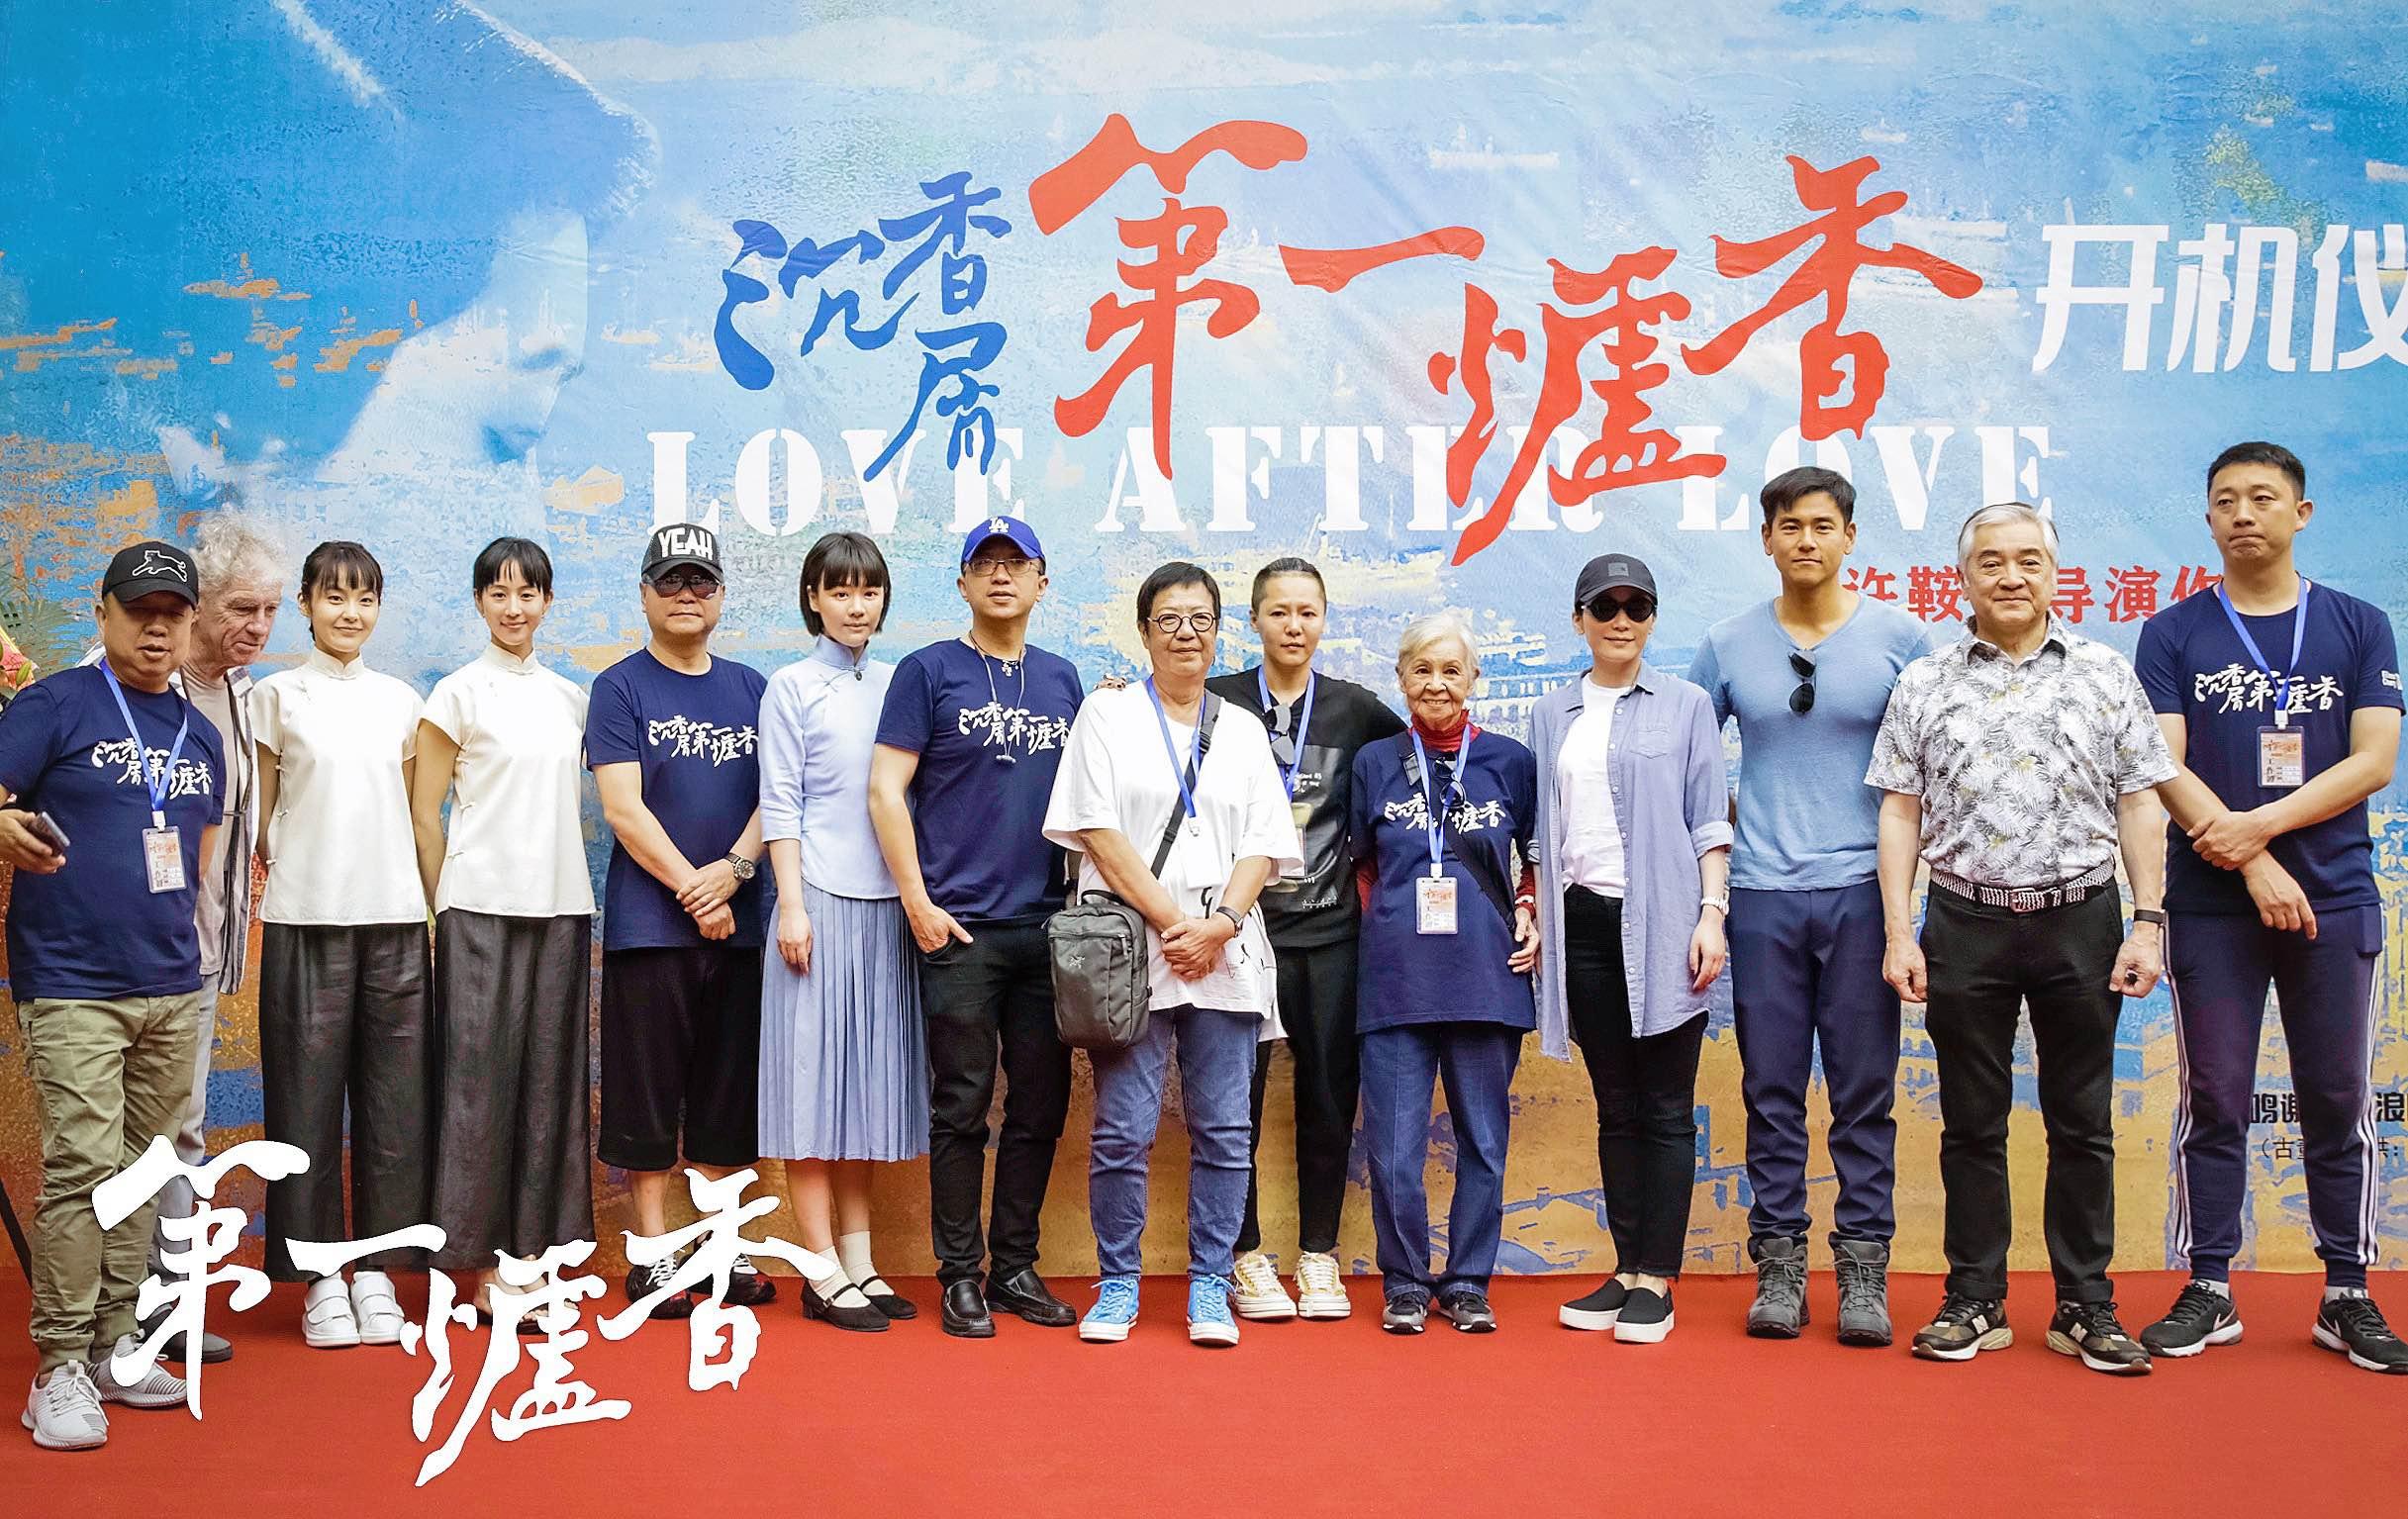 张钧甯电影《第一炉香》开机 银幕首次合作许鞍华导演引期待